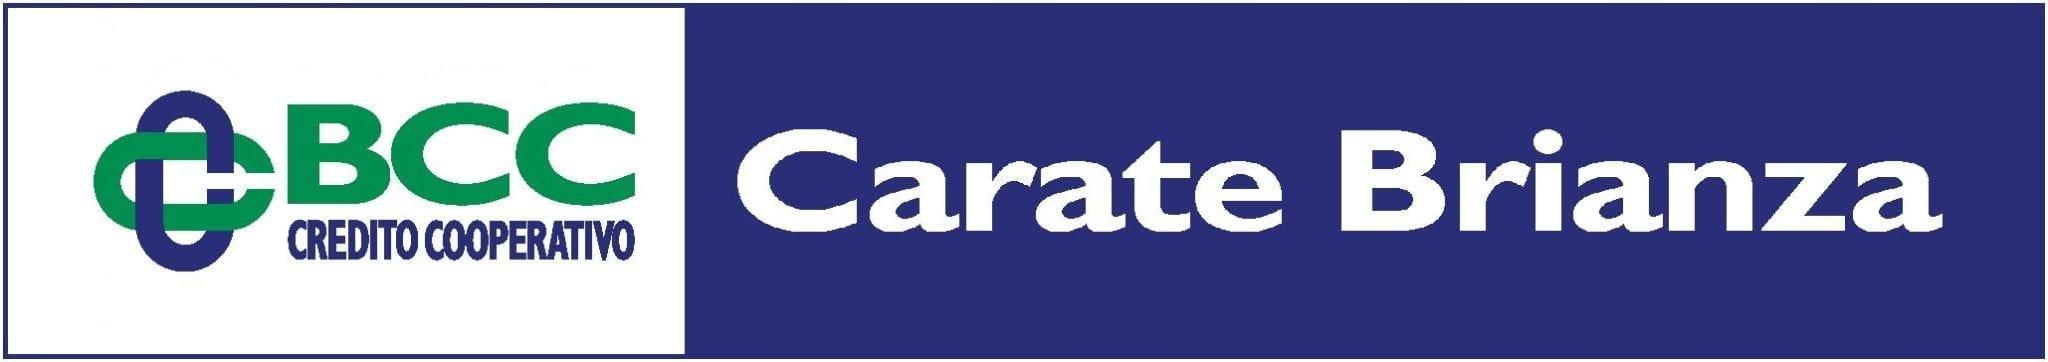 BCC Carate Brianza